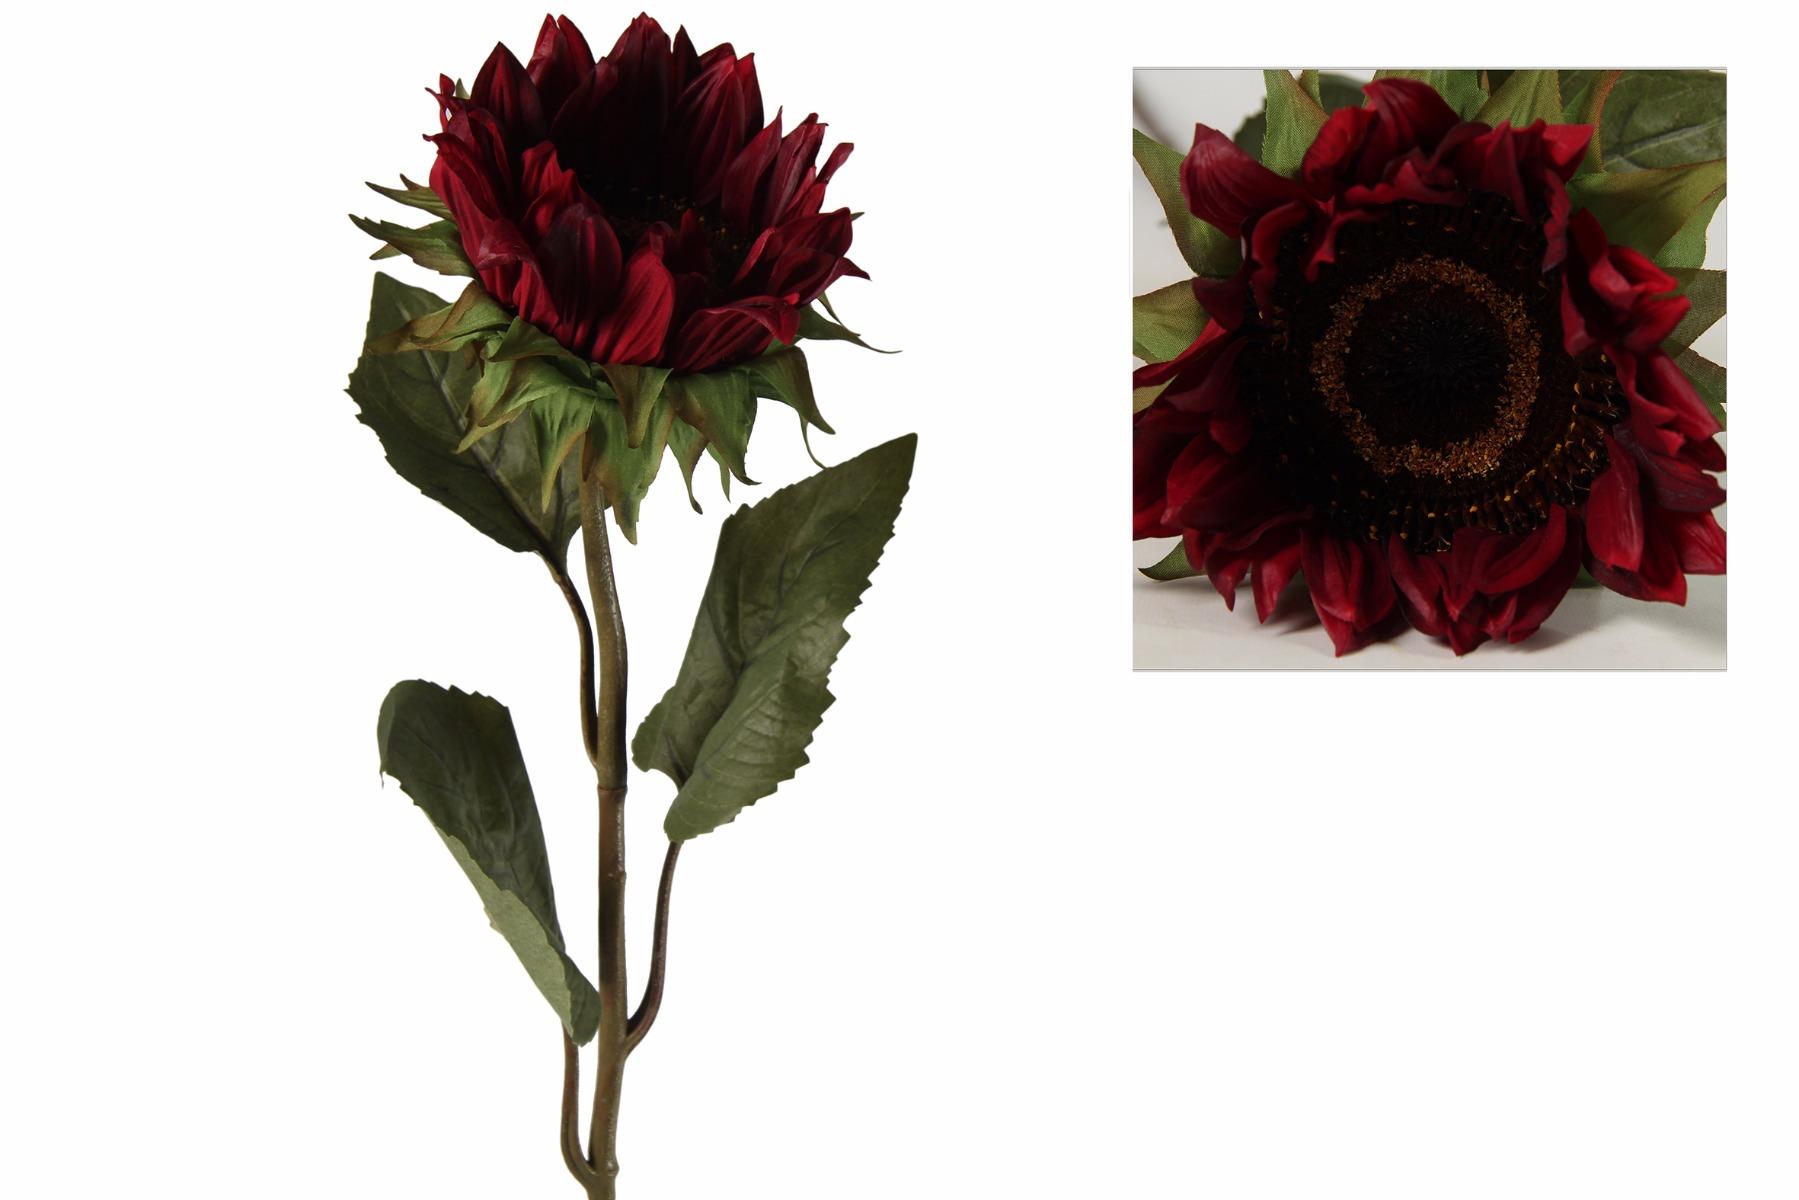 Afbeelding van Countryfield helianthus annuus floria rood